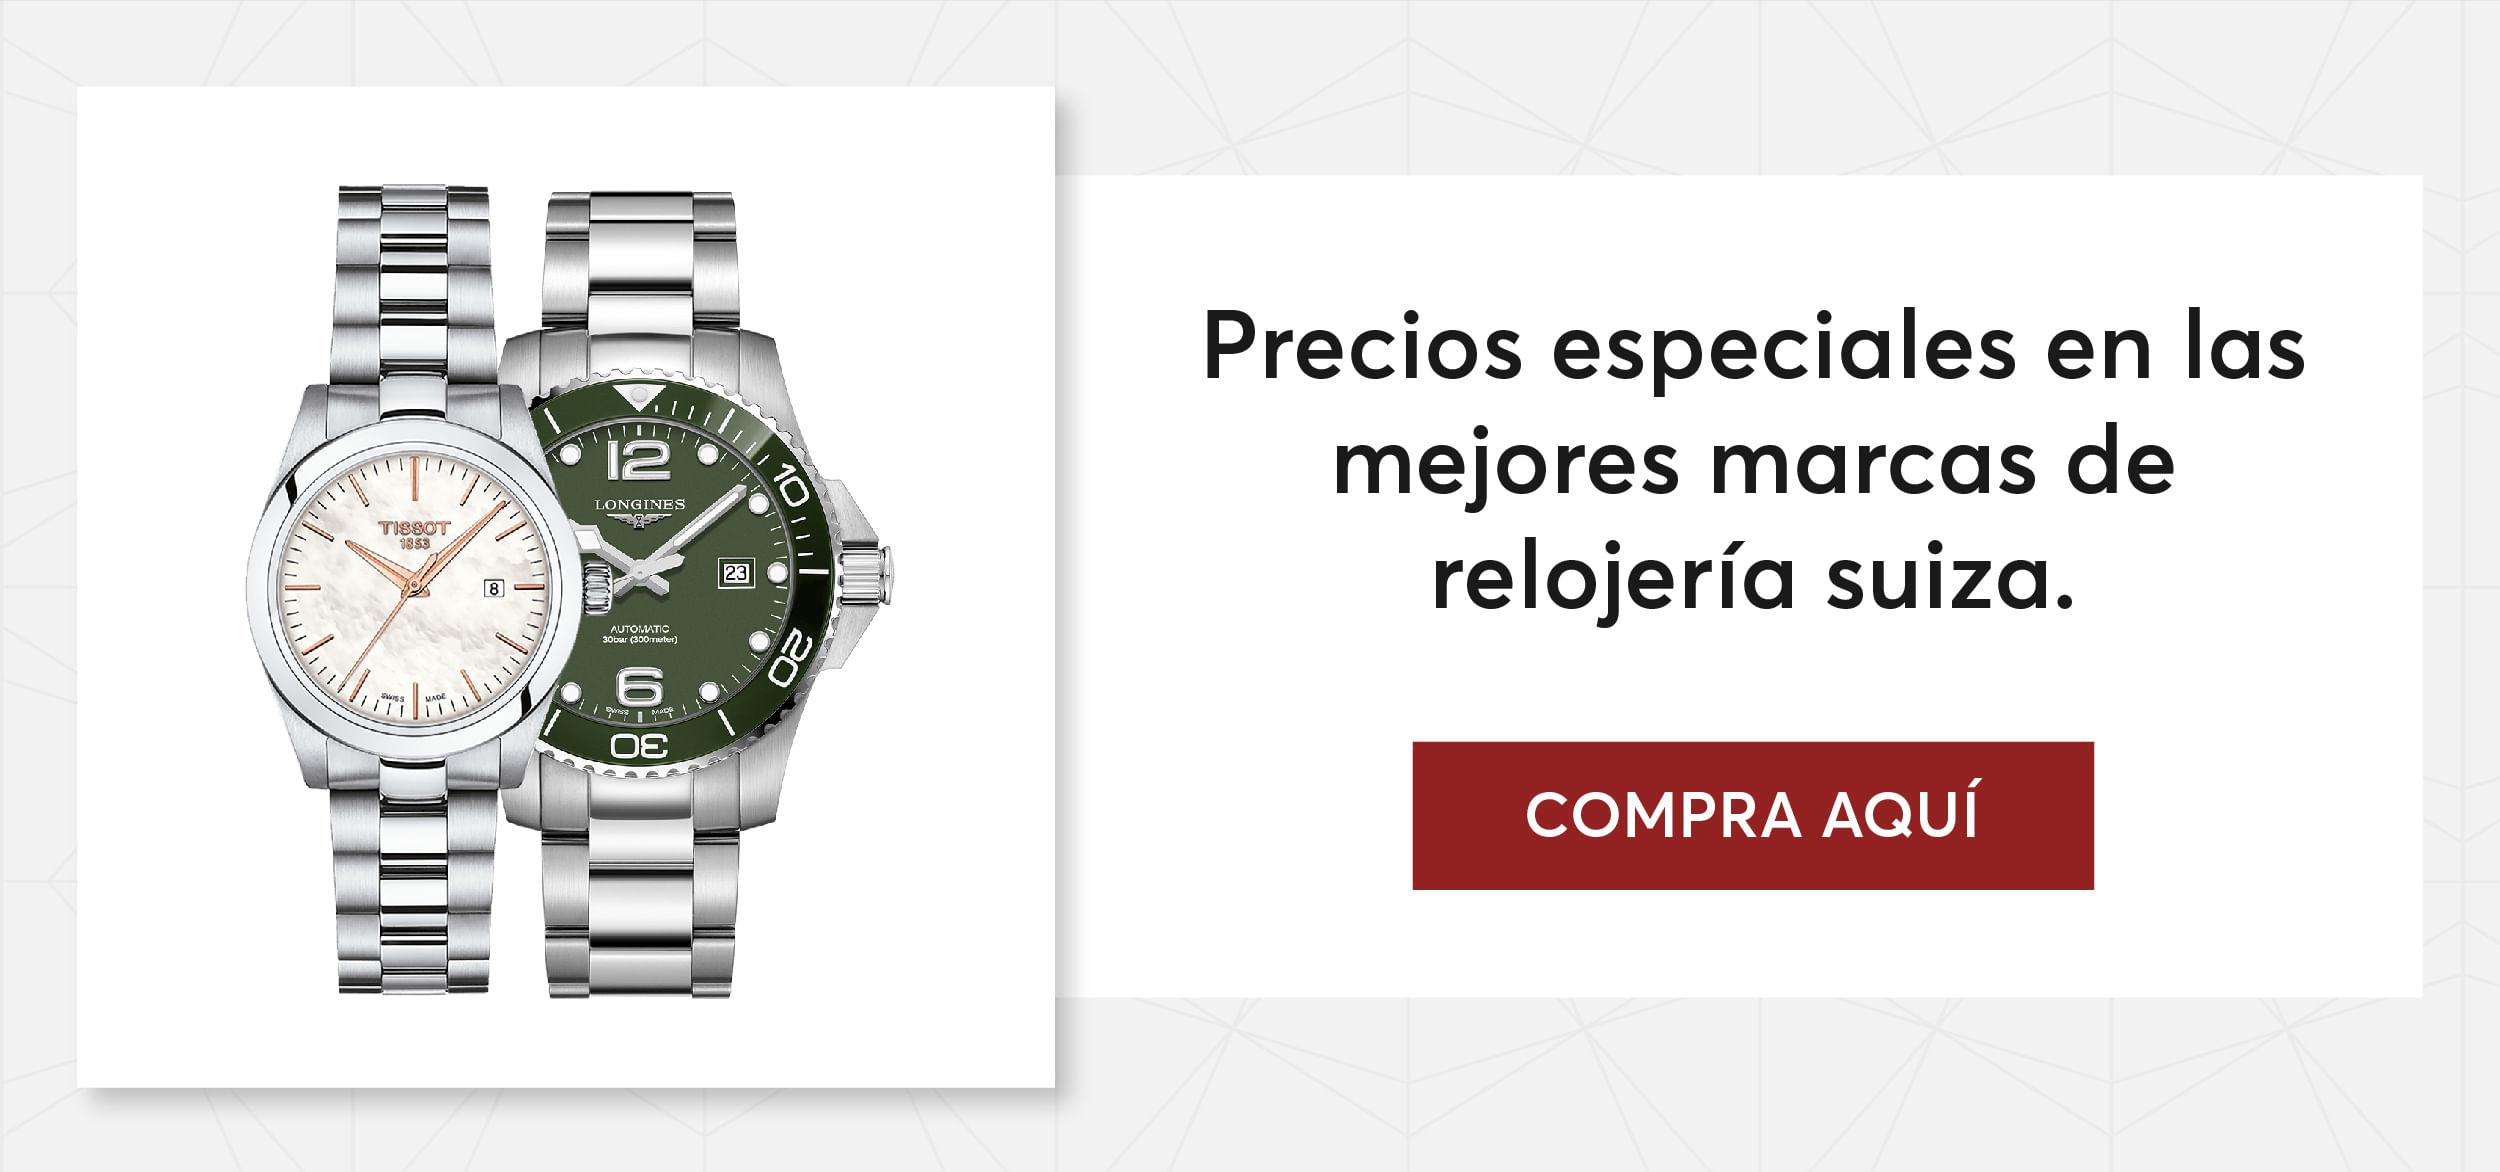 Precios especiales en las mejores marcas de relojería suiza.